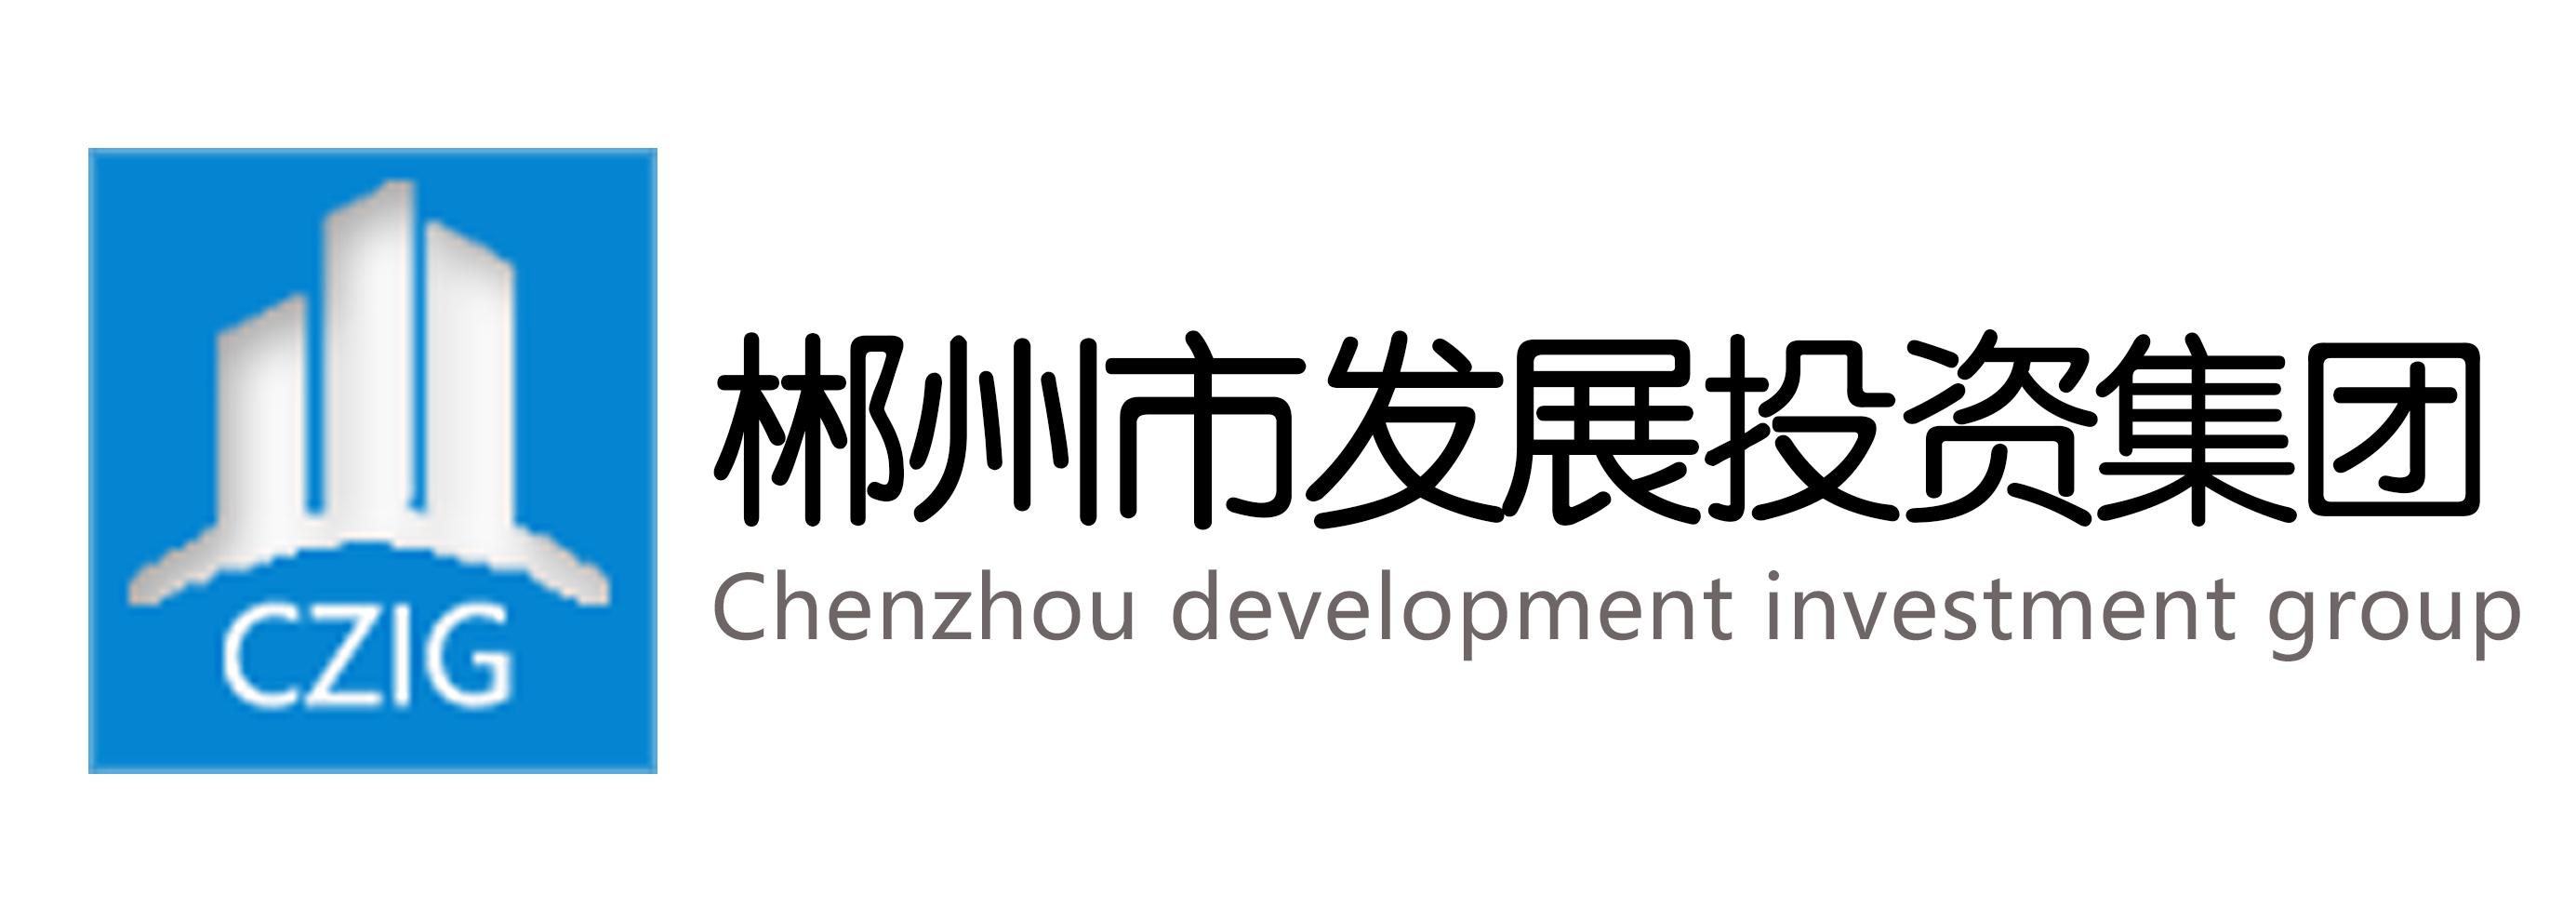 郴州市发展投资集团有限公司